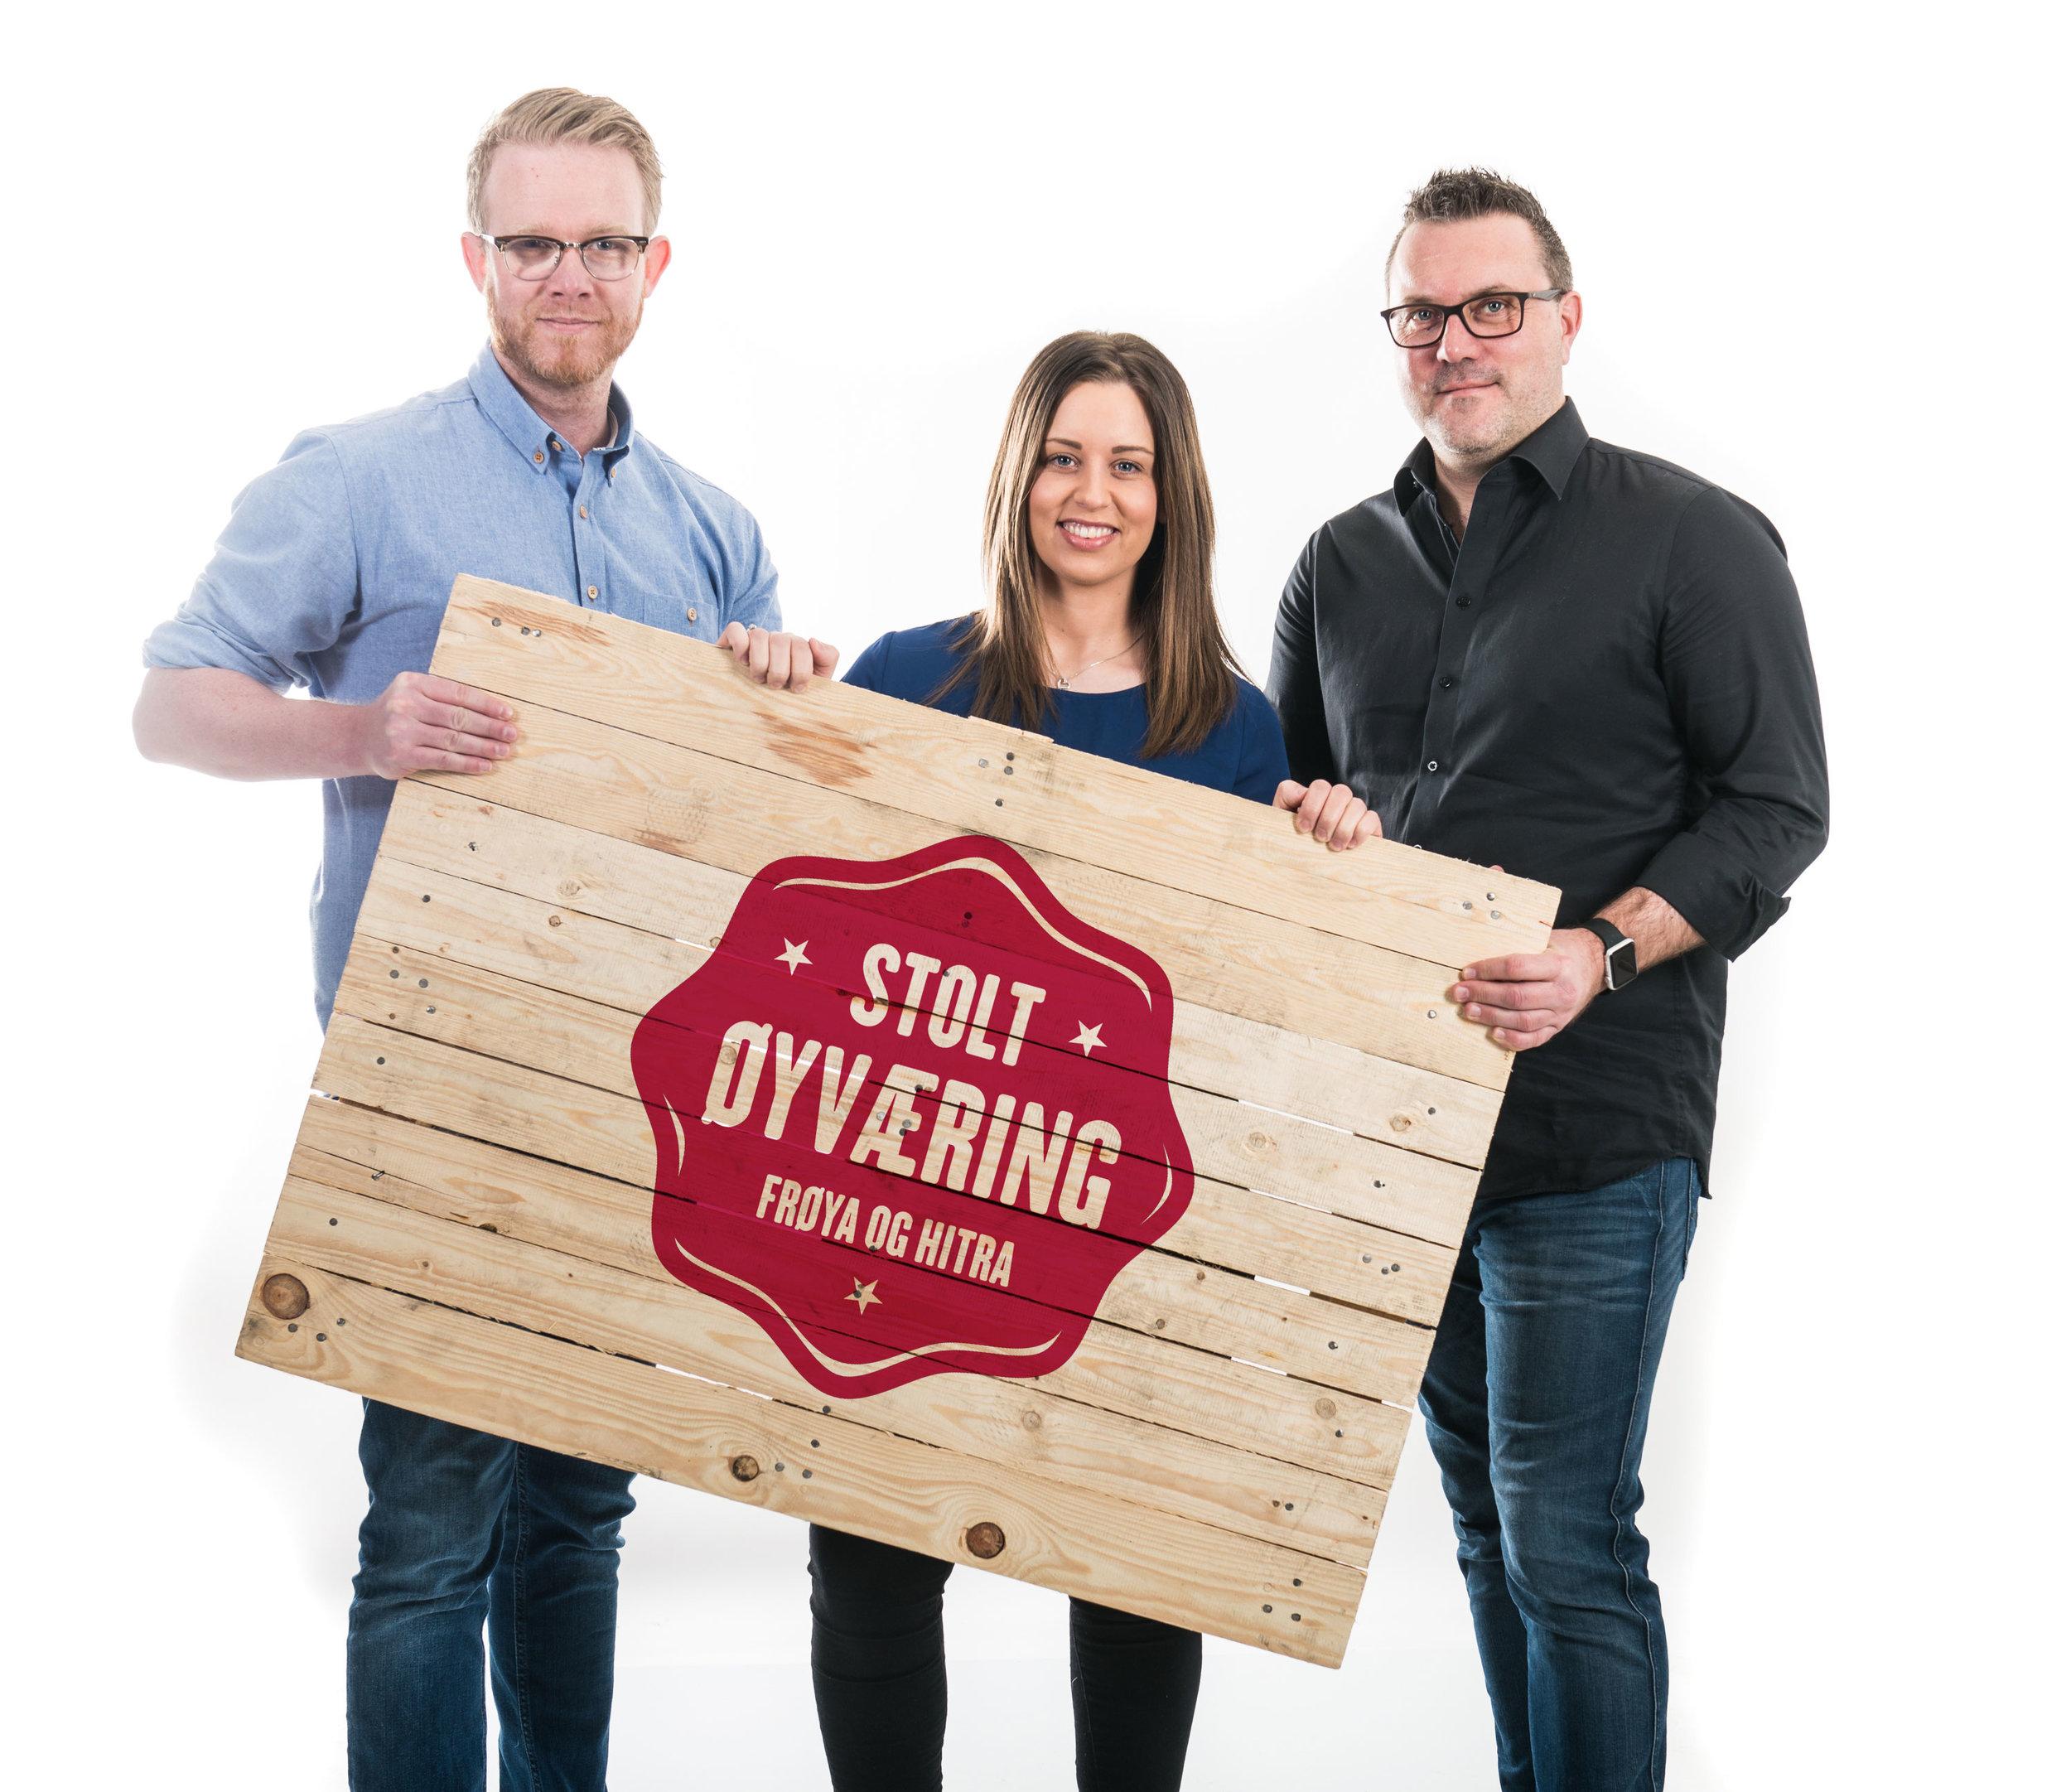 Renate, Aleksander og Eskil er alle øyværinger med stor lokalkunnskap som kommer hytte- og boligkjøpere tilgode.